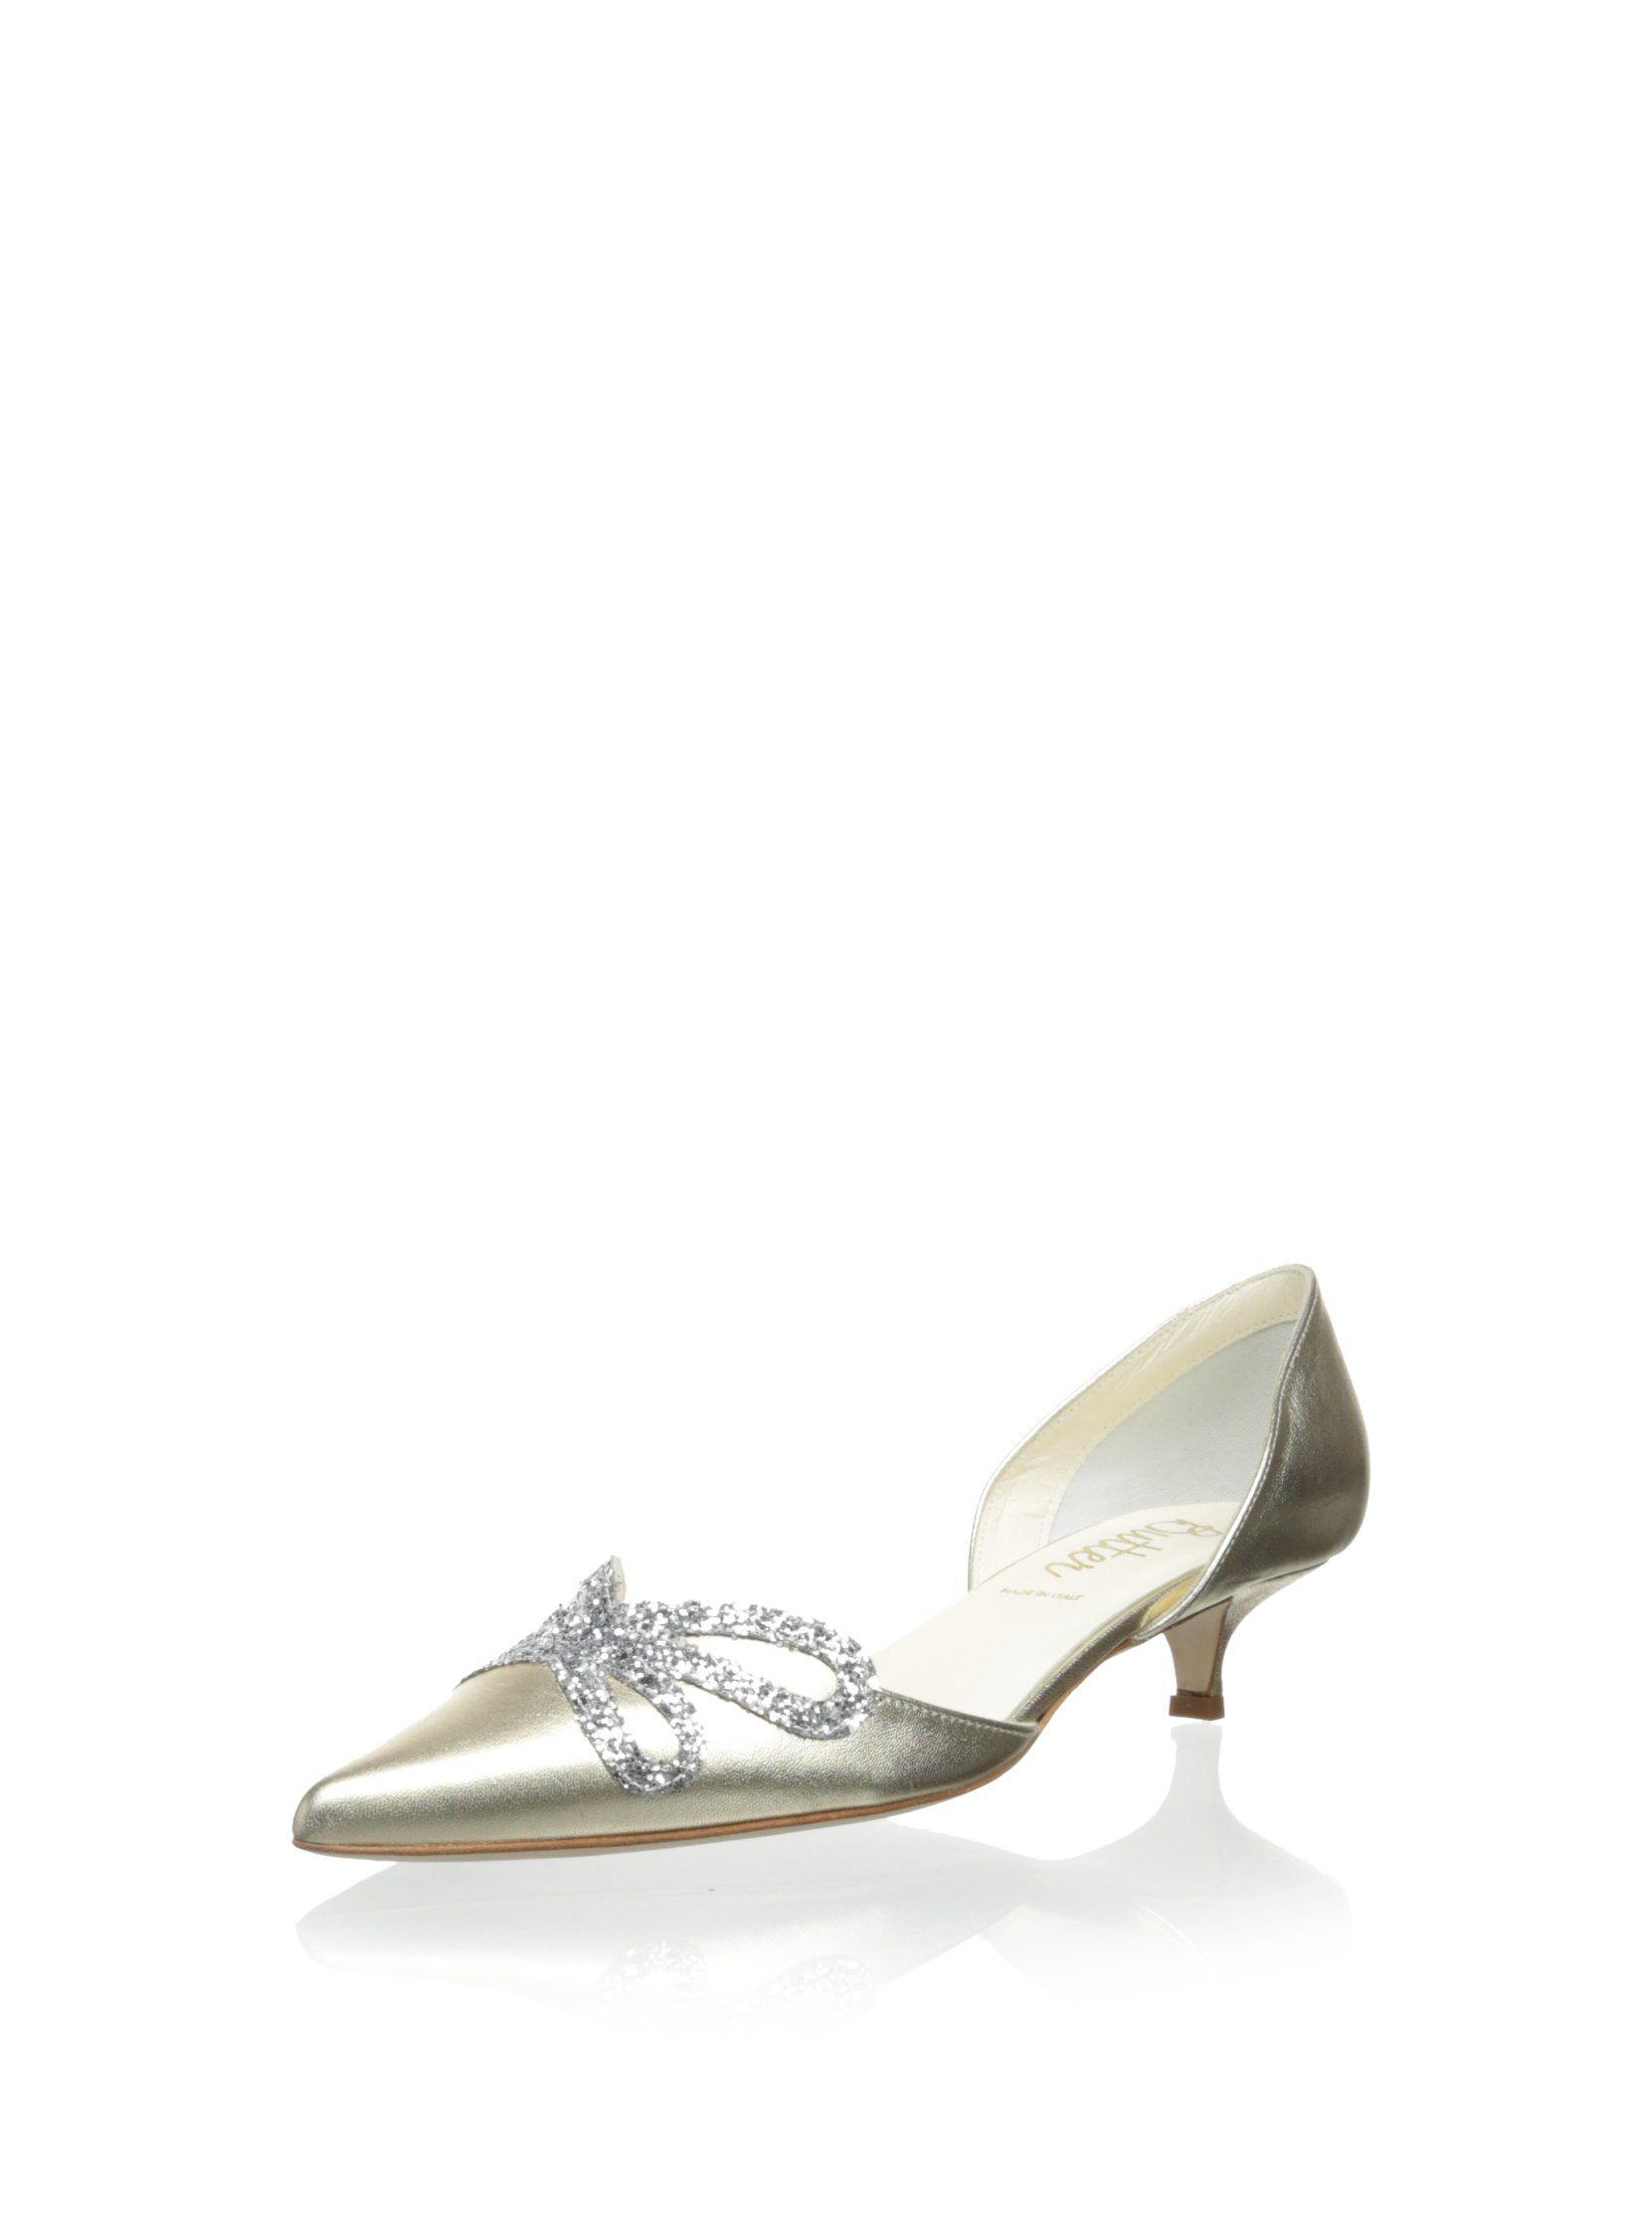 Butter Women S Darla Glitter Bow Kitten Heel At Myhabit Kitten Heels Fashion Amazon Fashion Clothing